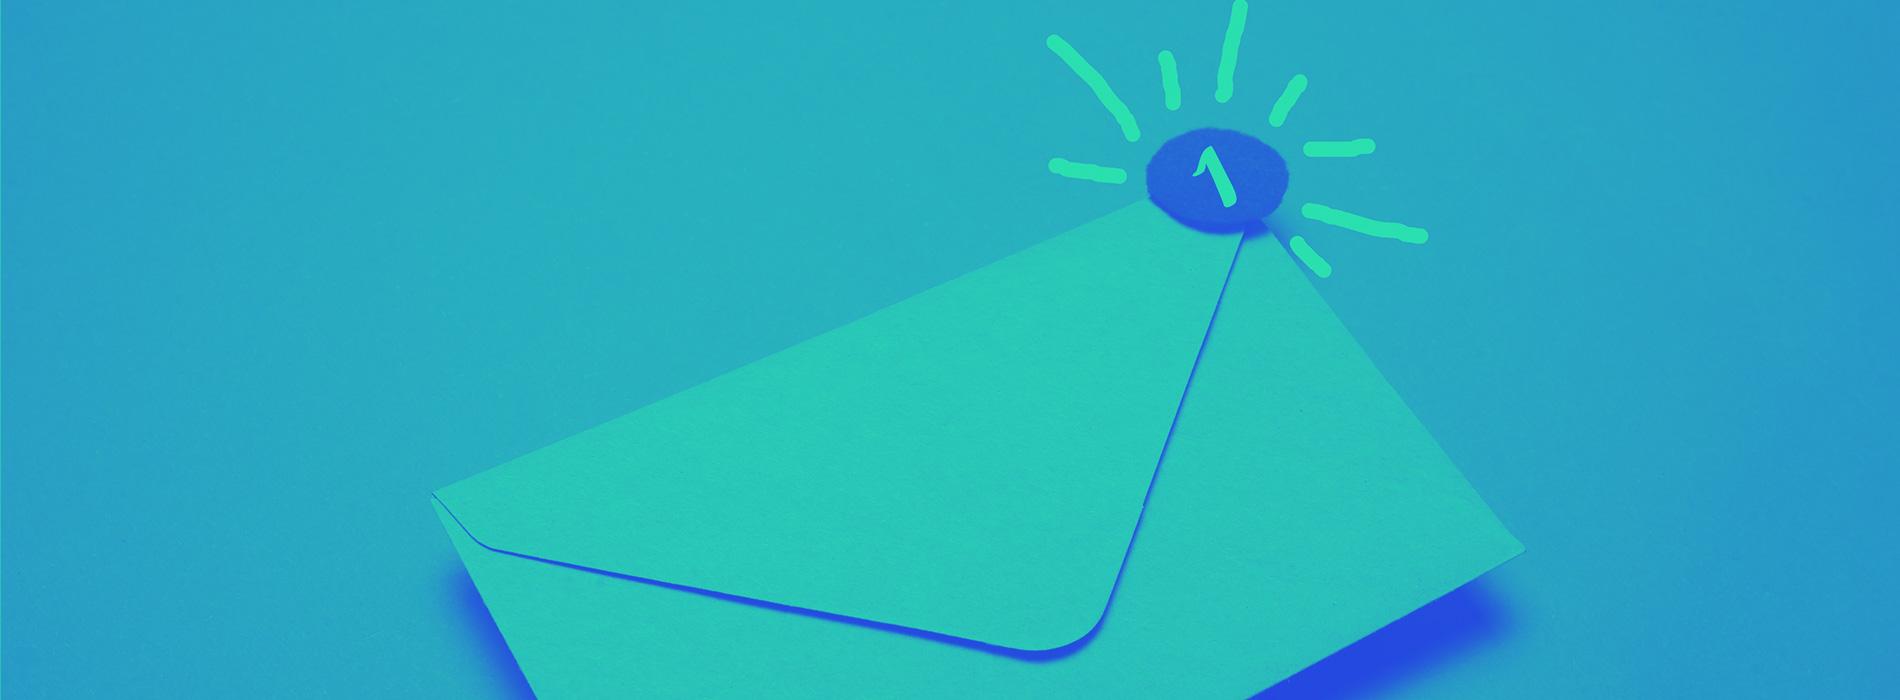 Google Ads Lead Formularerweiterung für die Lead Generierung nutzen